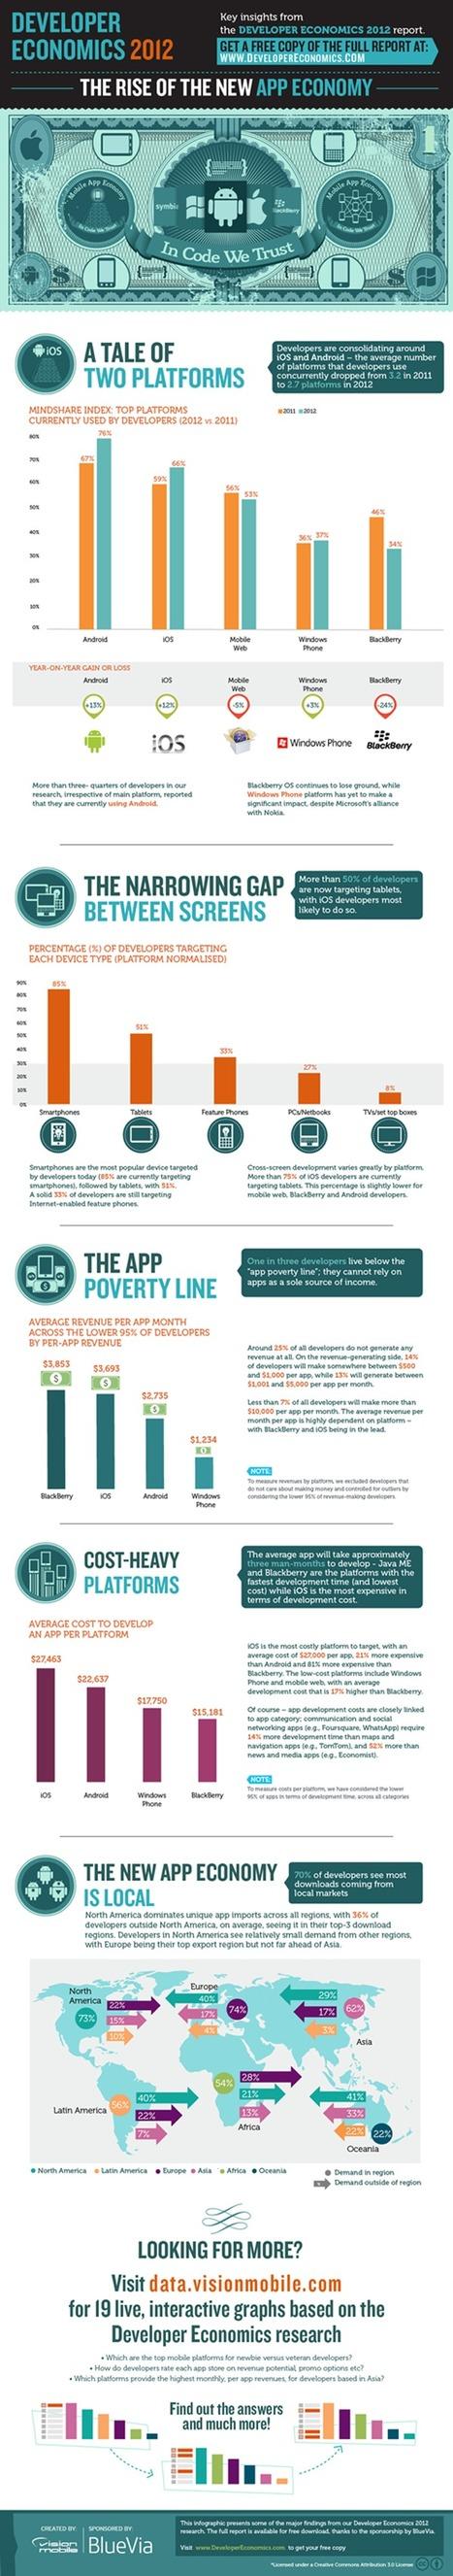 The Rise Of The New App Economy | IdeiotaS | Scoop.it